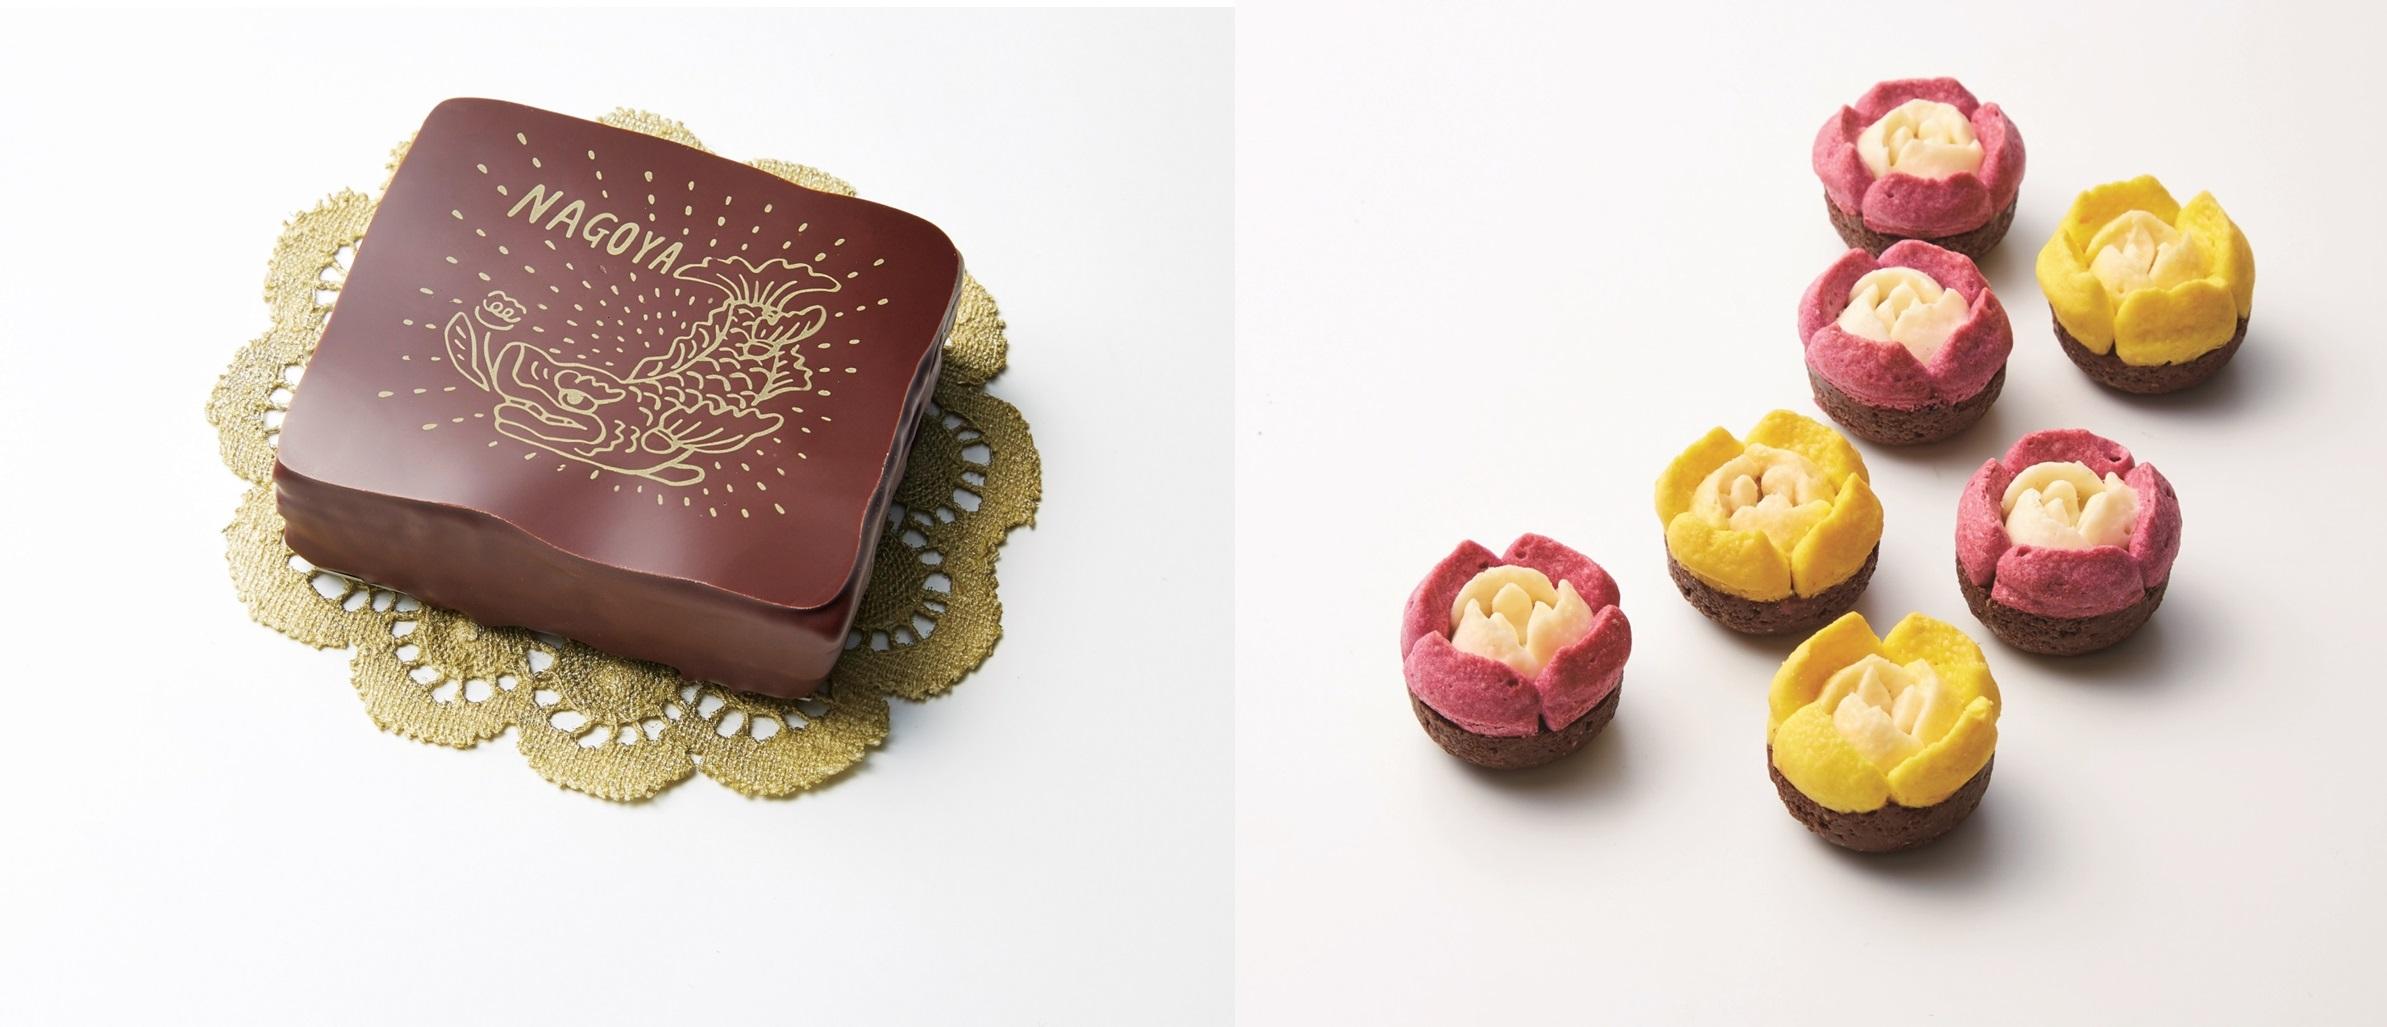 日本一のチョコレートの祭典「アムール デュ ショコラ」、2月14日まで開催!購入したおすすめ商品もご紹介 - 7